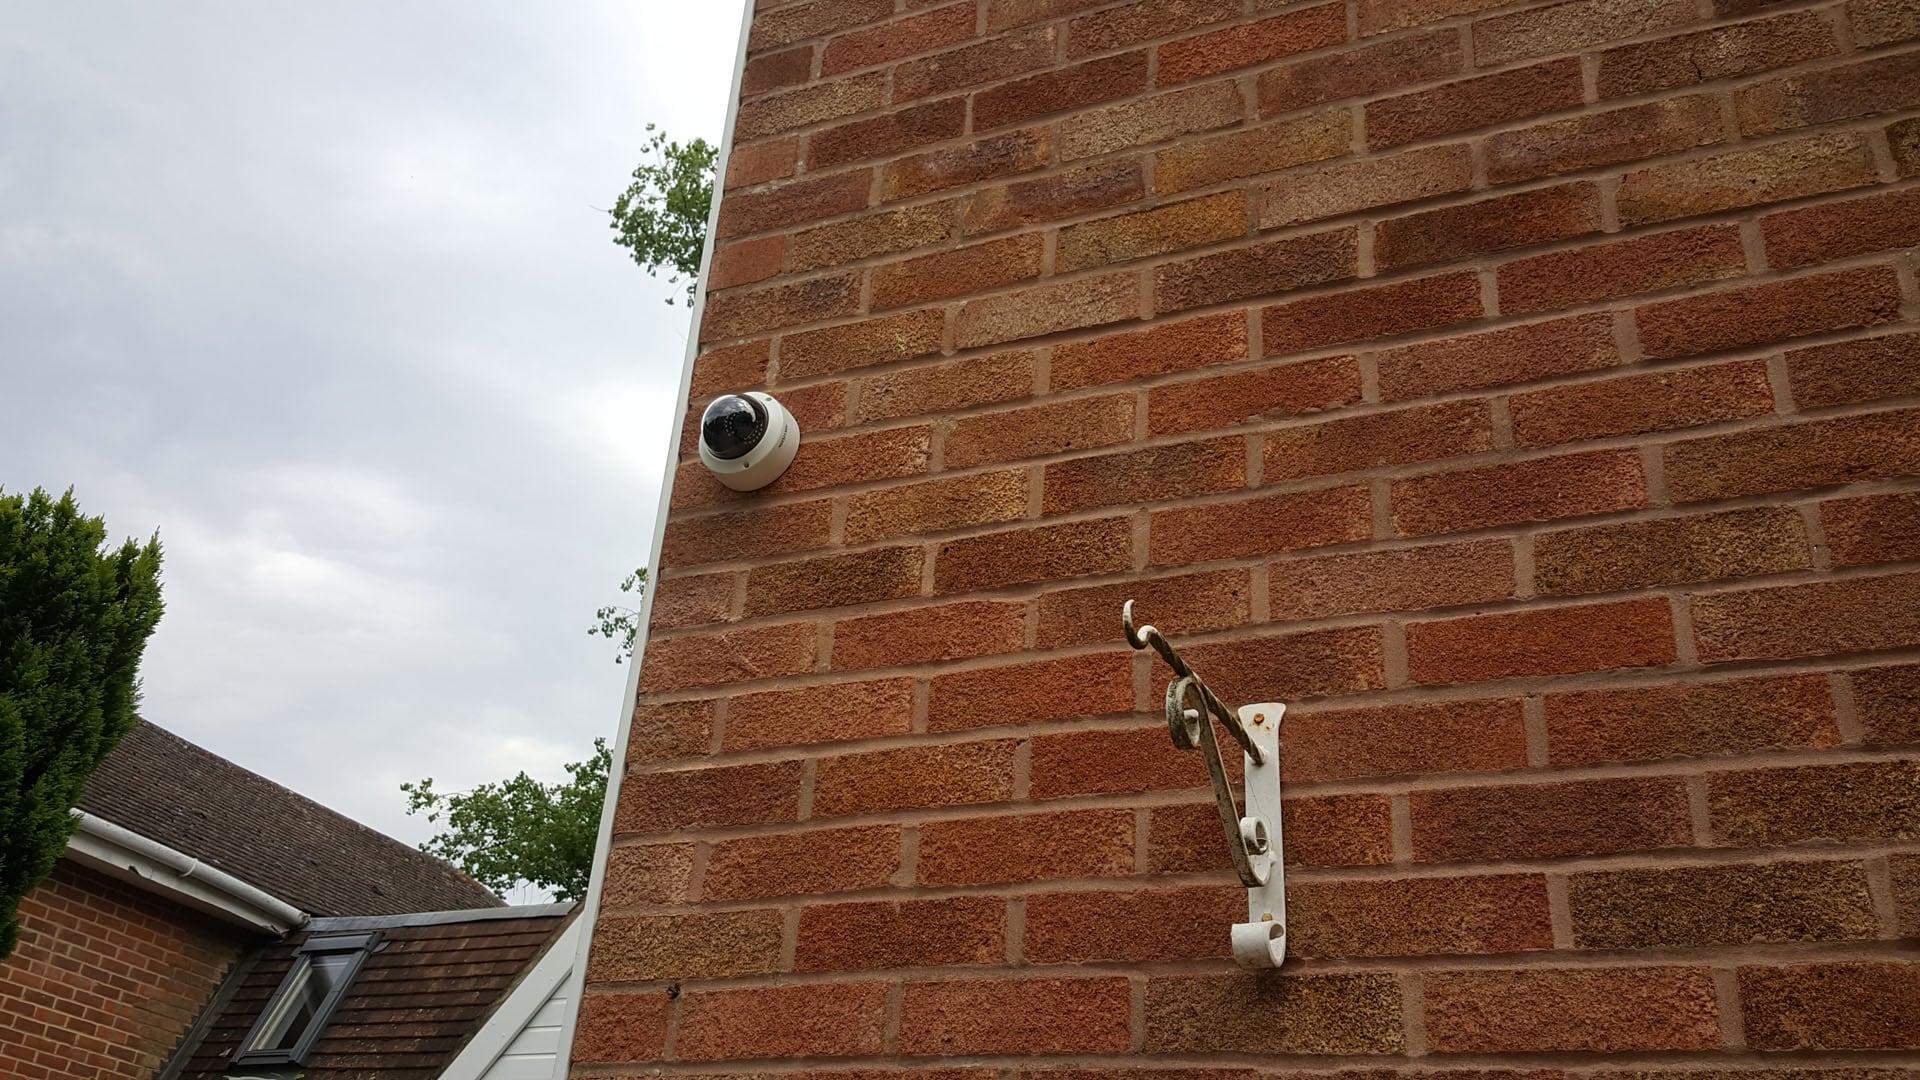 CCTV Installation in North Benfleet